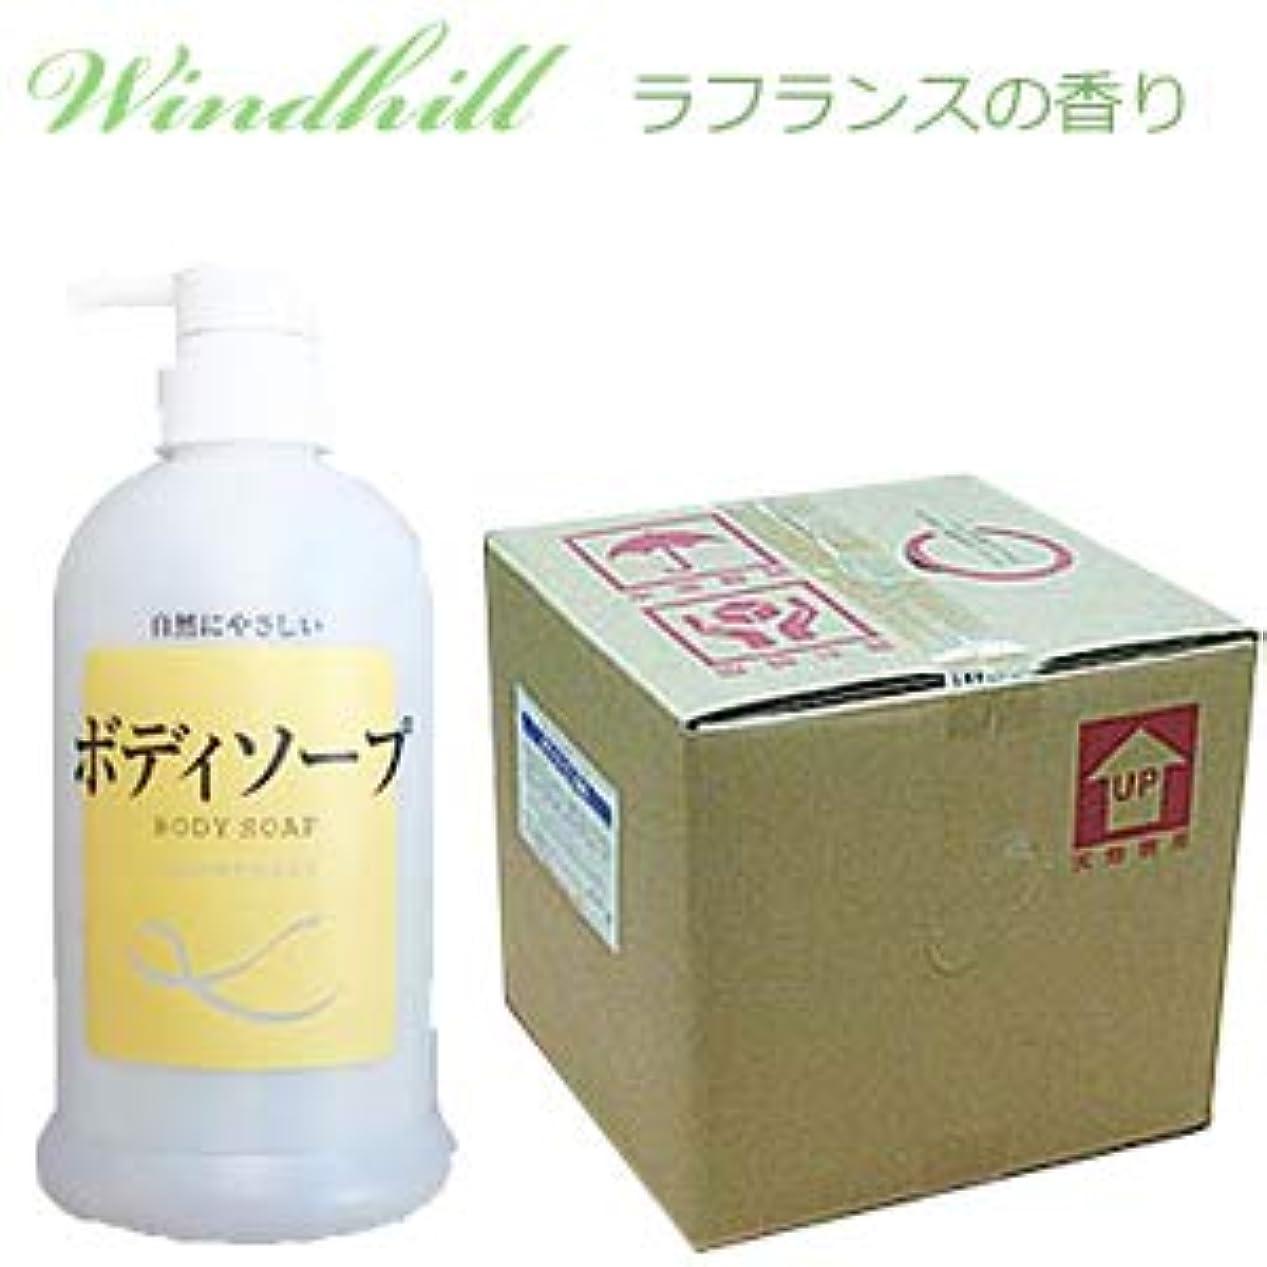 パス保存する閉塞なんと! 500ml当り173円 Windhill 植物性 業務用 ボディソープ  爽やかなラフランスの香り 20L